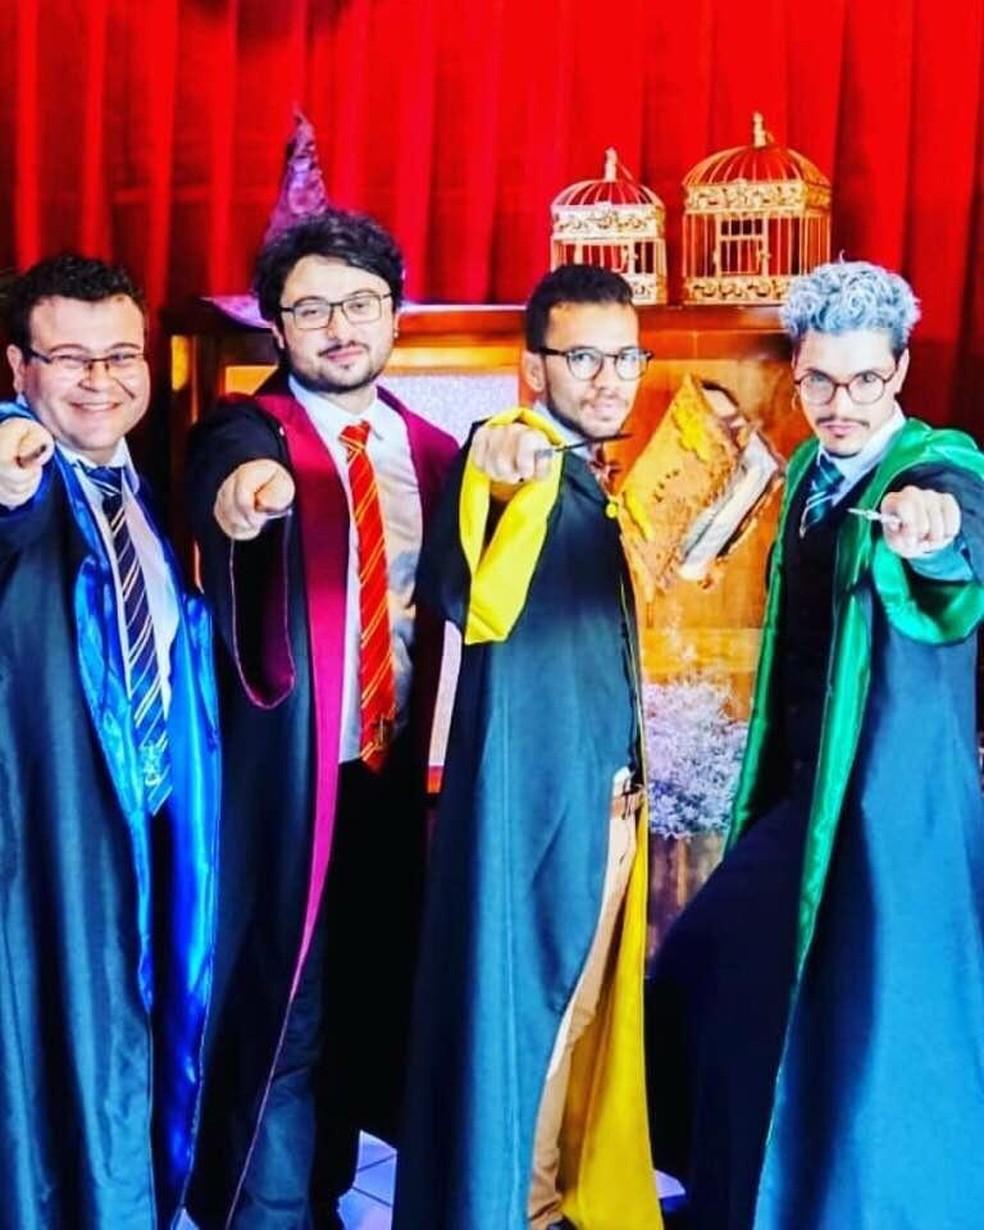 Padrinhos entraram no clima do casamento inspirado na saga Harry Potter em MS. — Foto: Arquivo pessoal